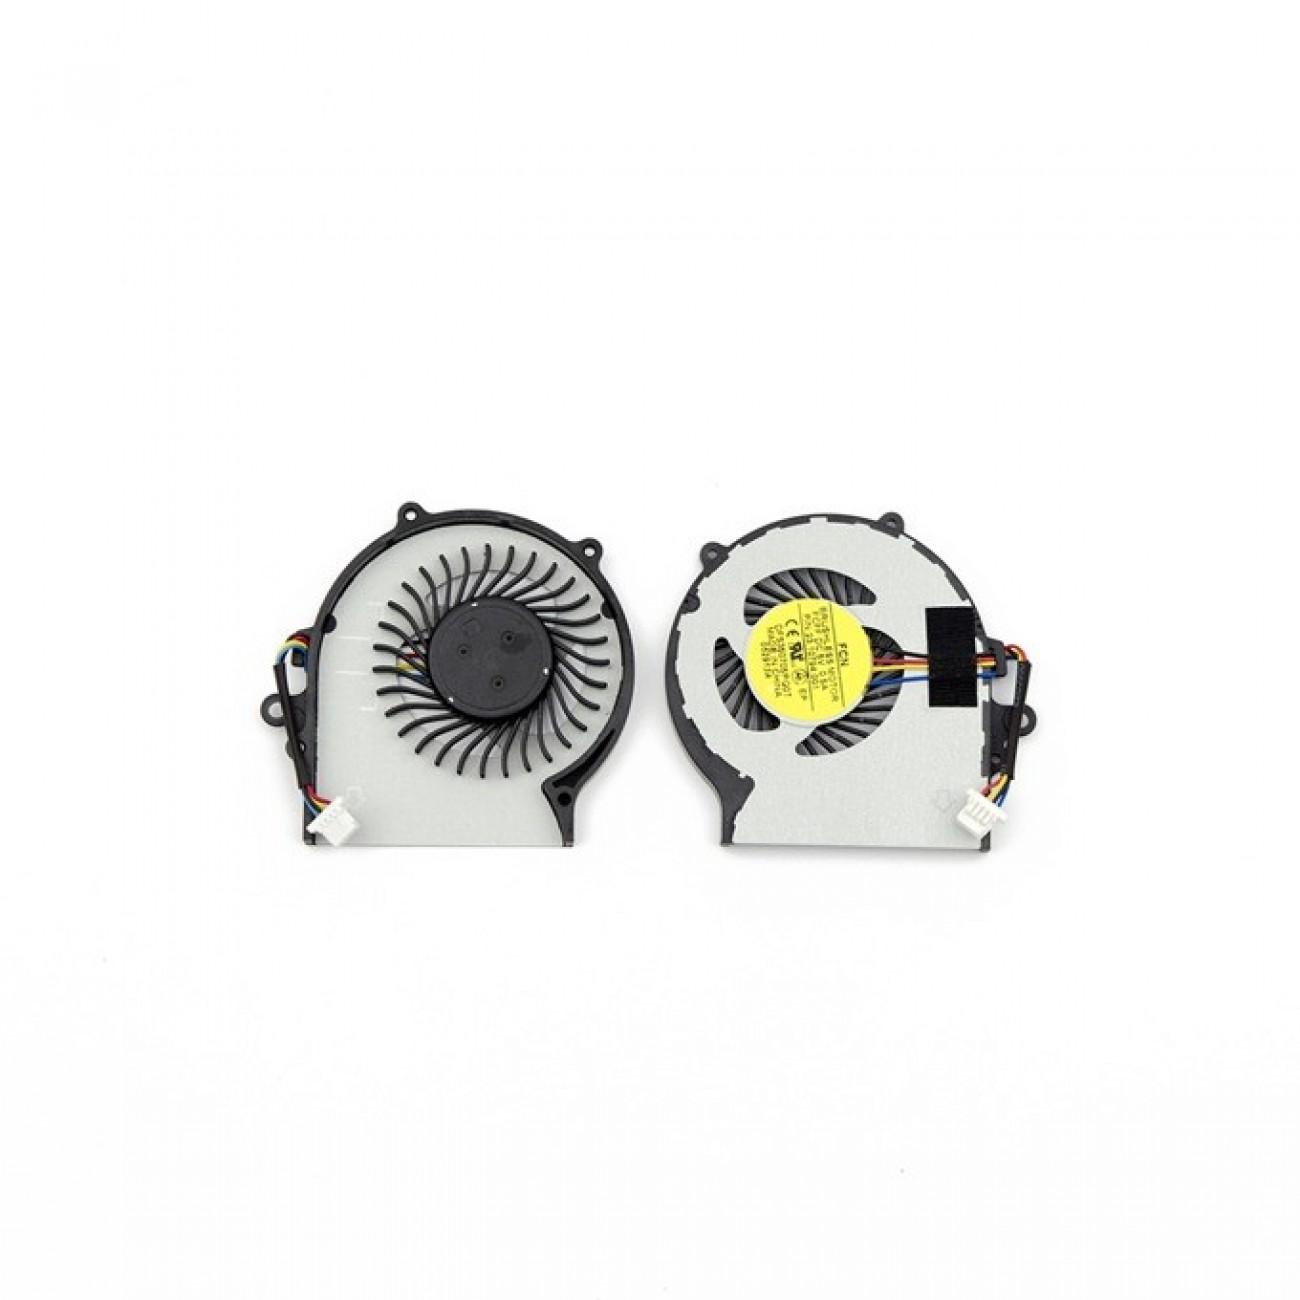 Вентилатор за лаптоп, съвместим с Acer Aspire V5-122P в Резервни части -  | Alleop